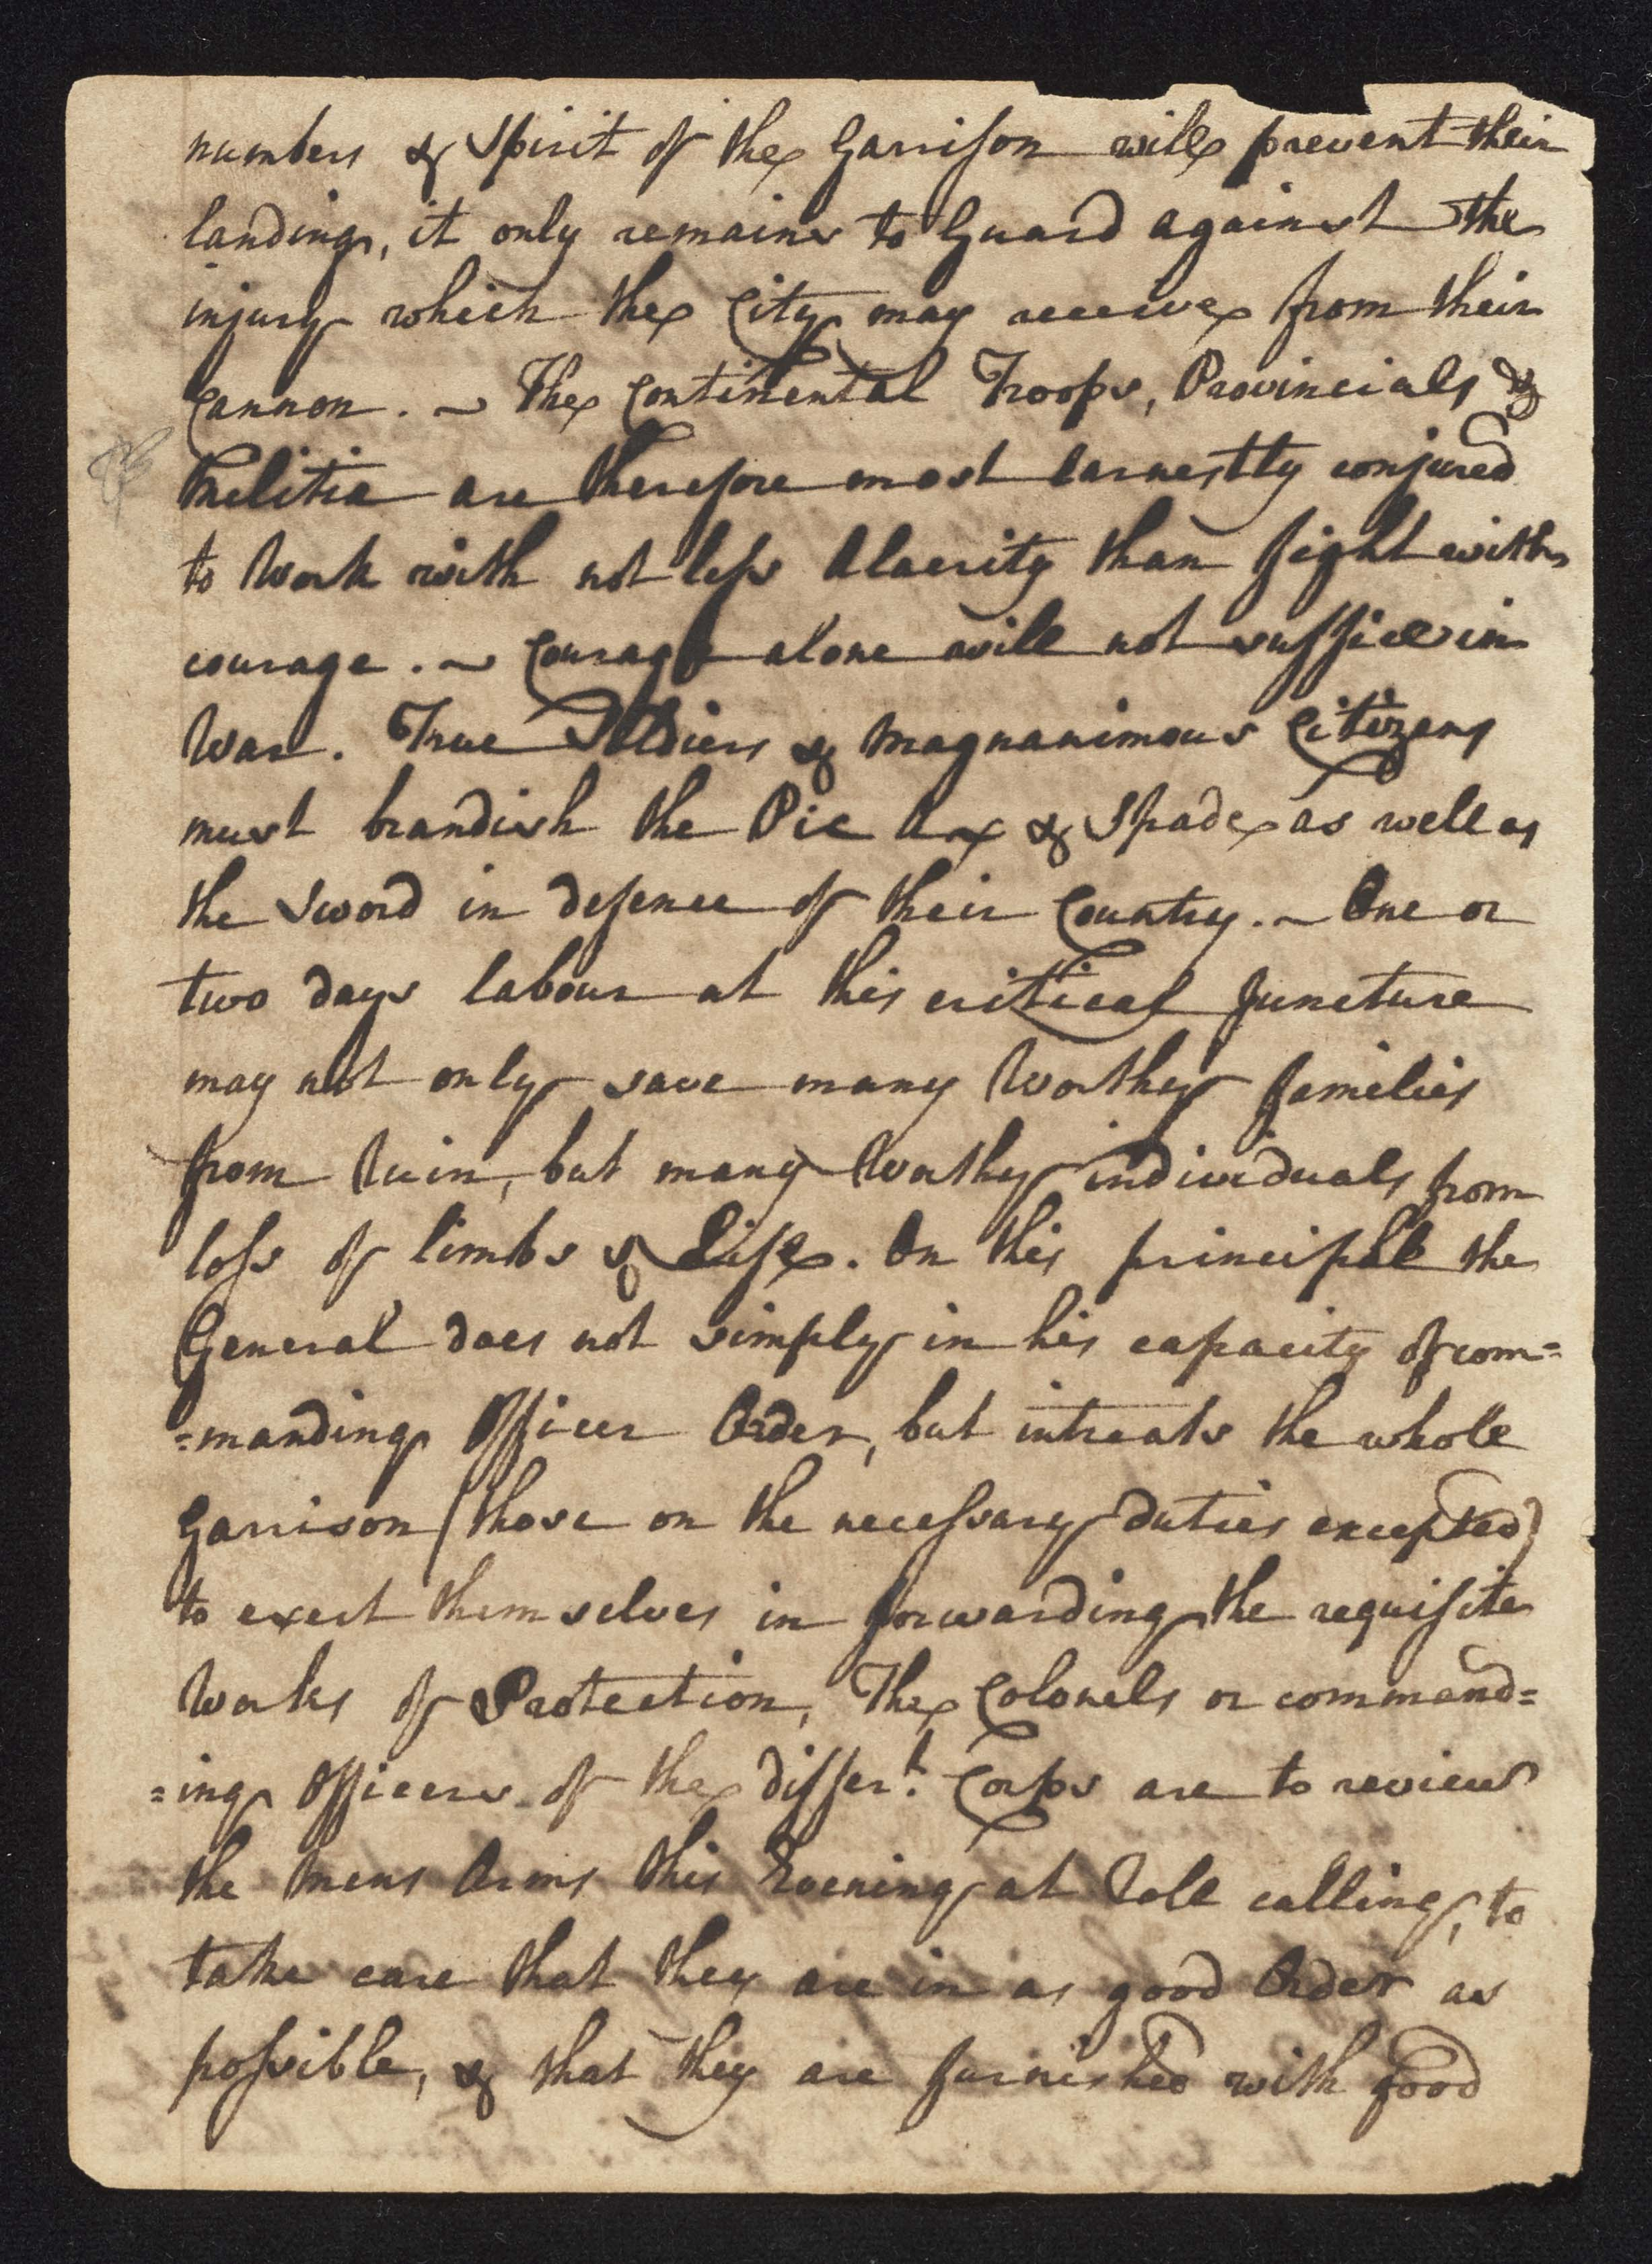 South Carolina Regiment Order Book, Page 124